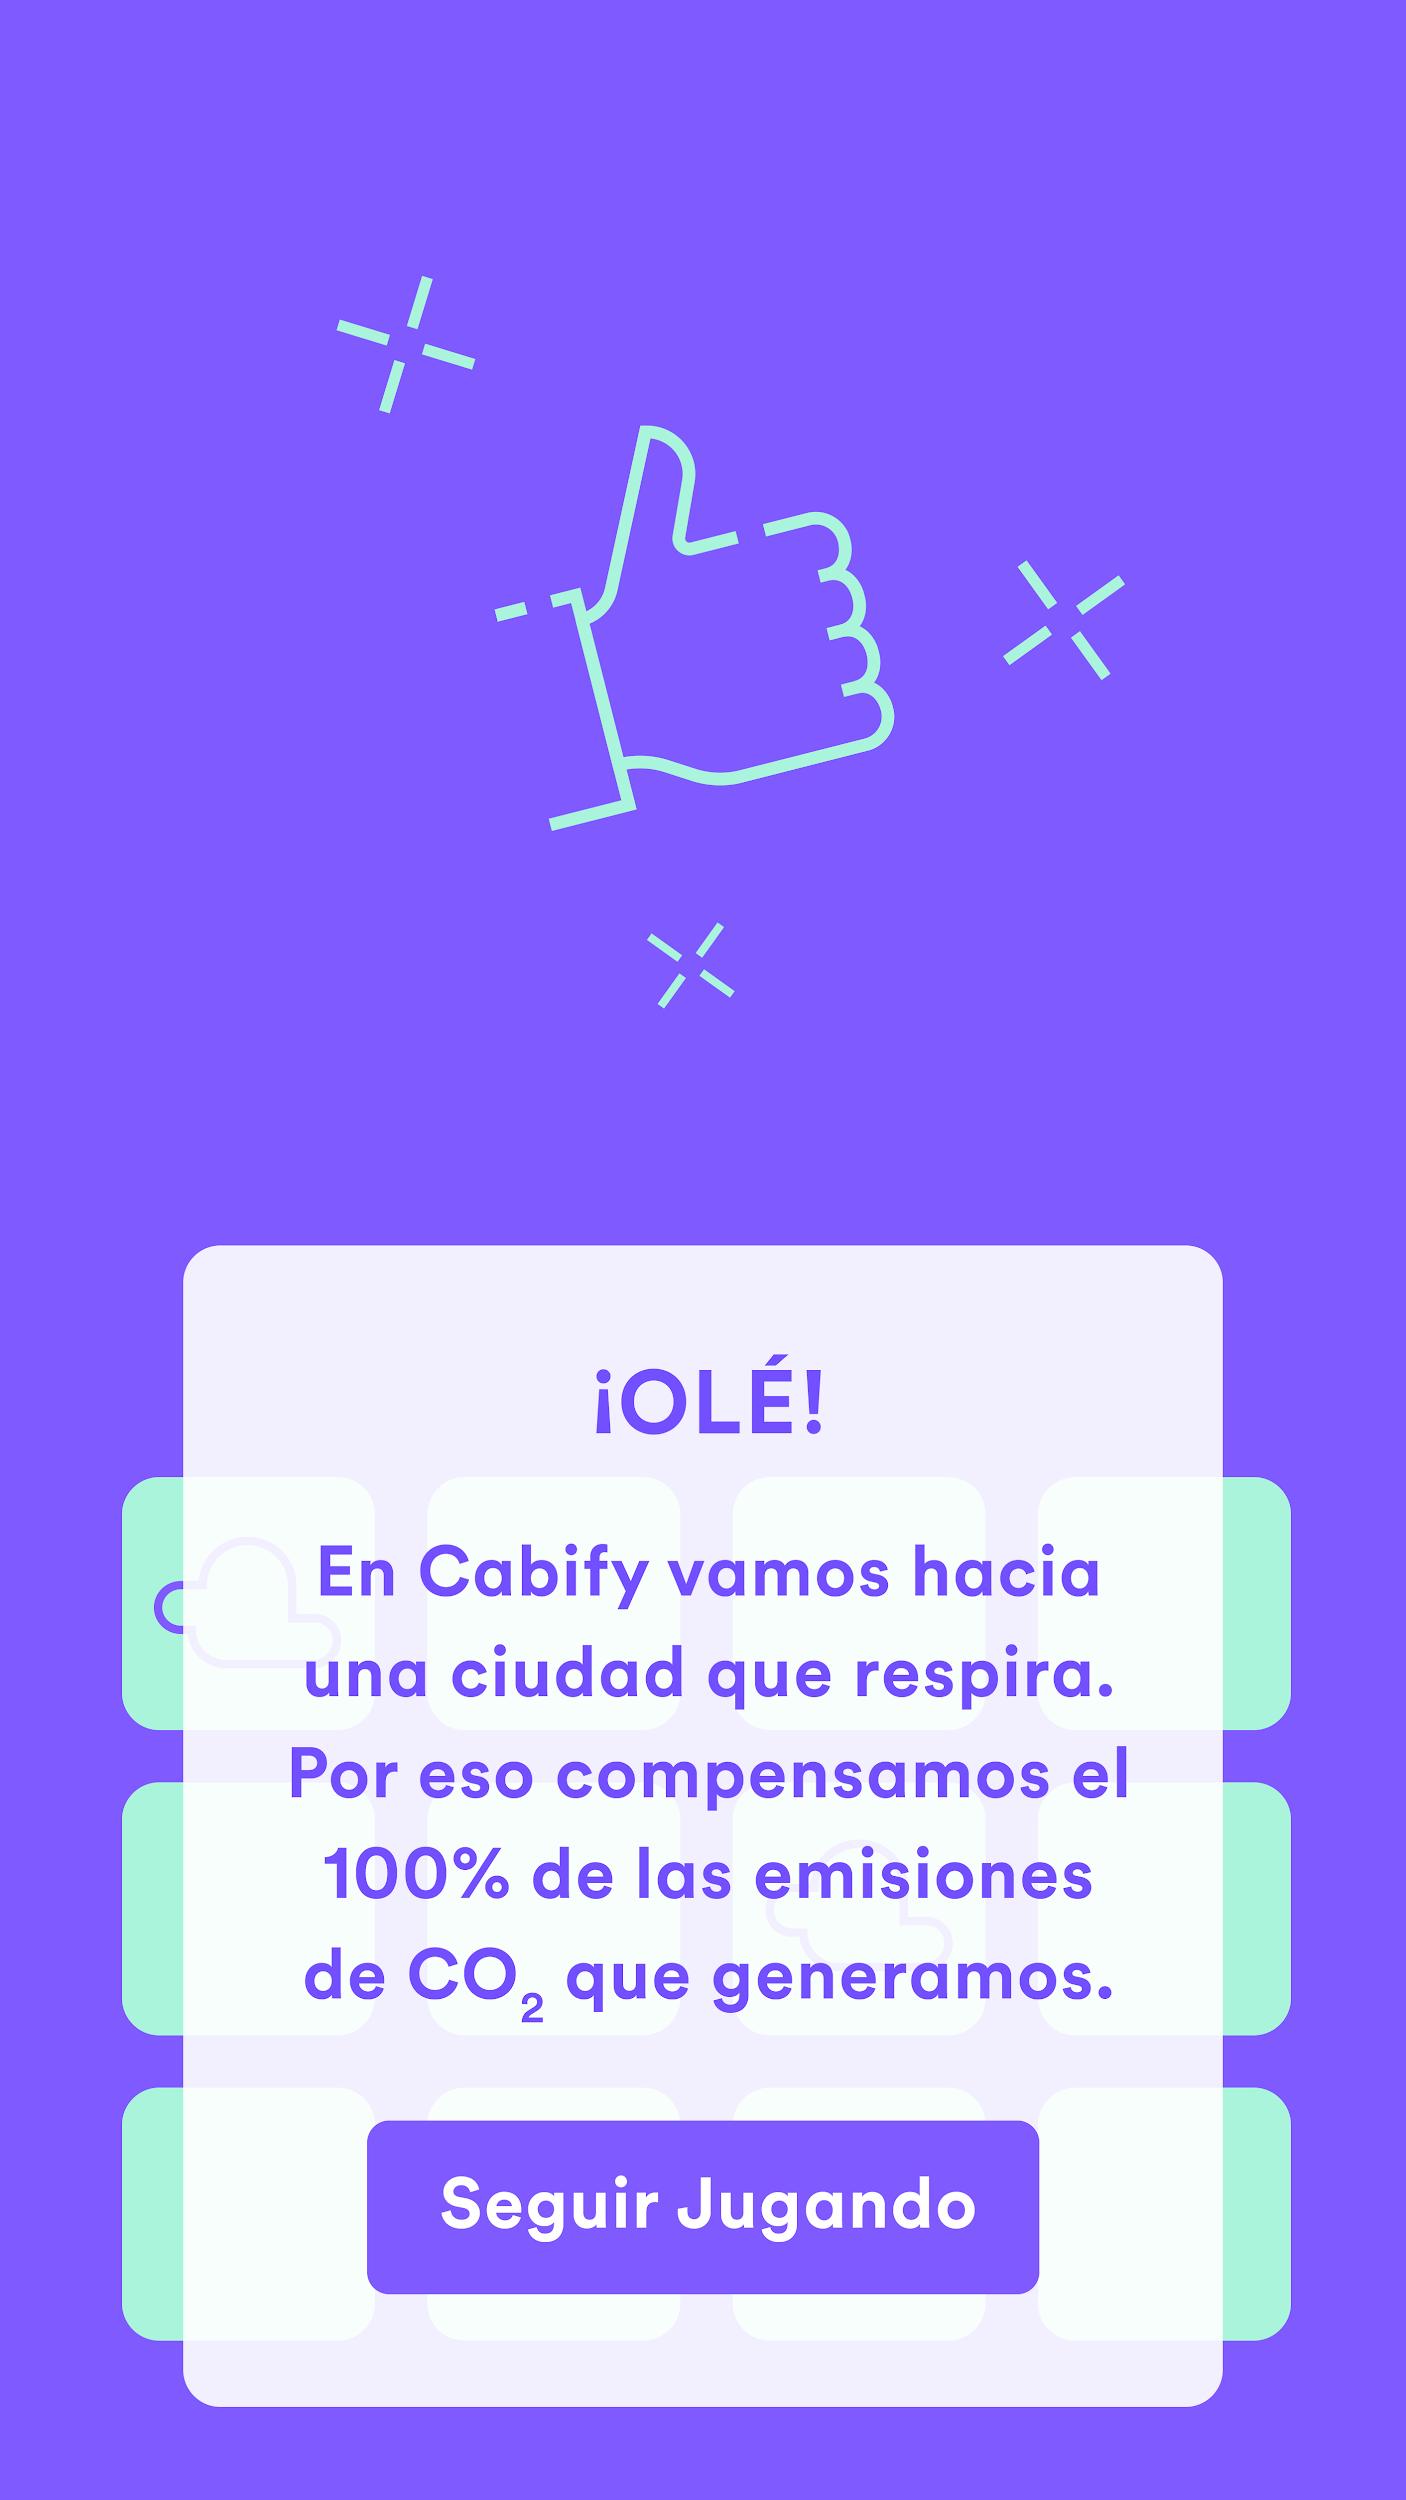 El circuito de mupis interactivos está en Madrid